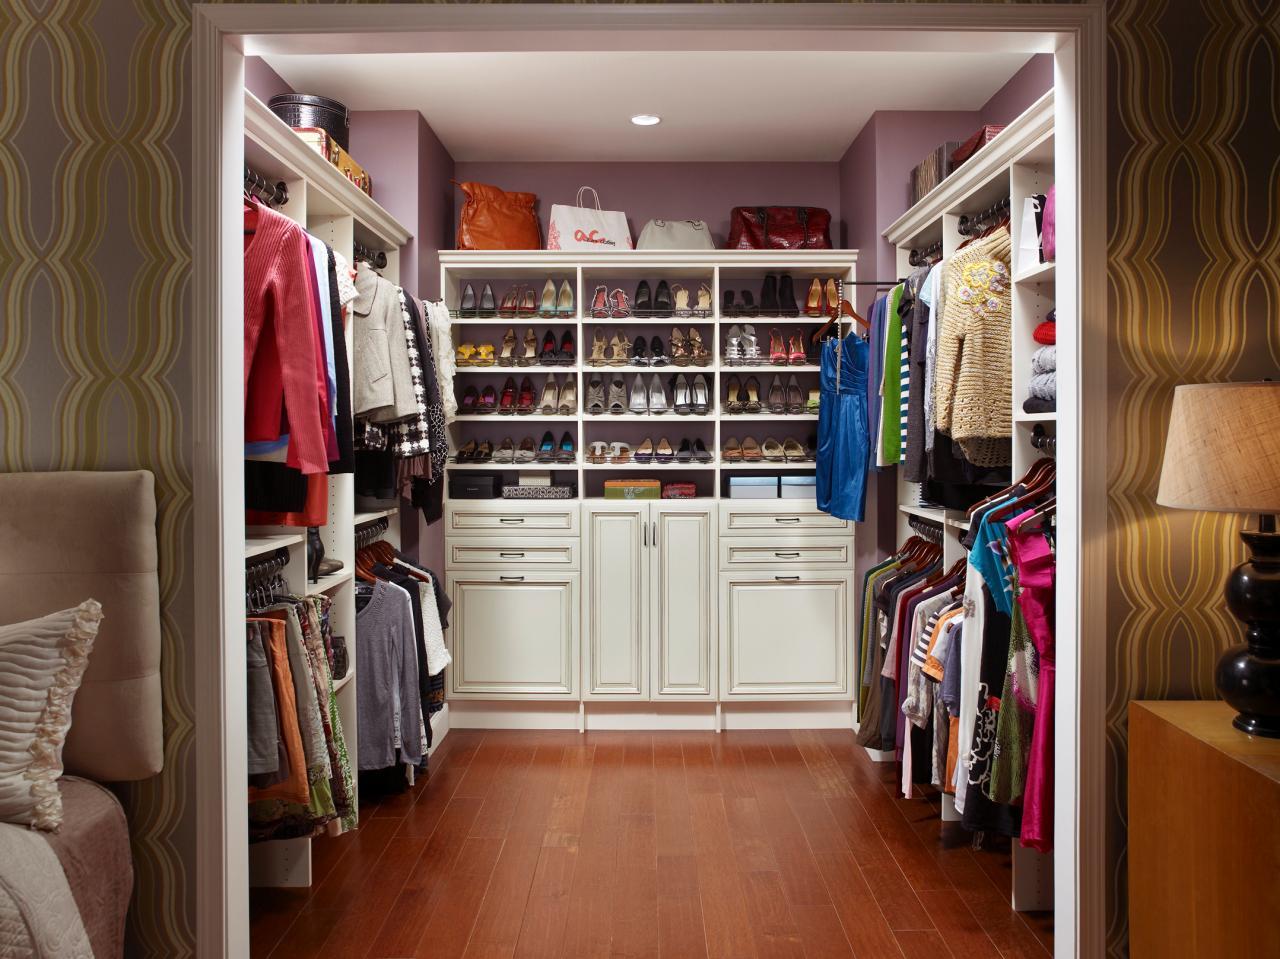 Showcase Shoes in a Walk-In Closet